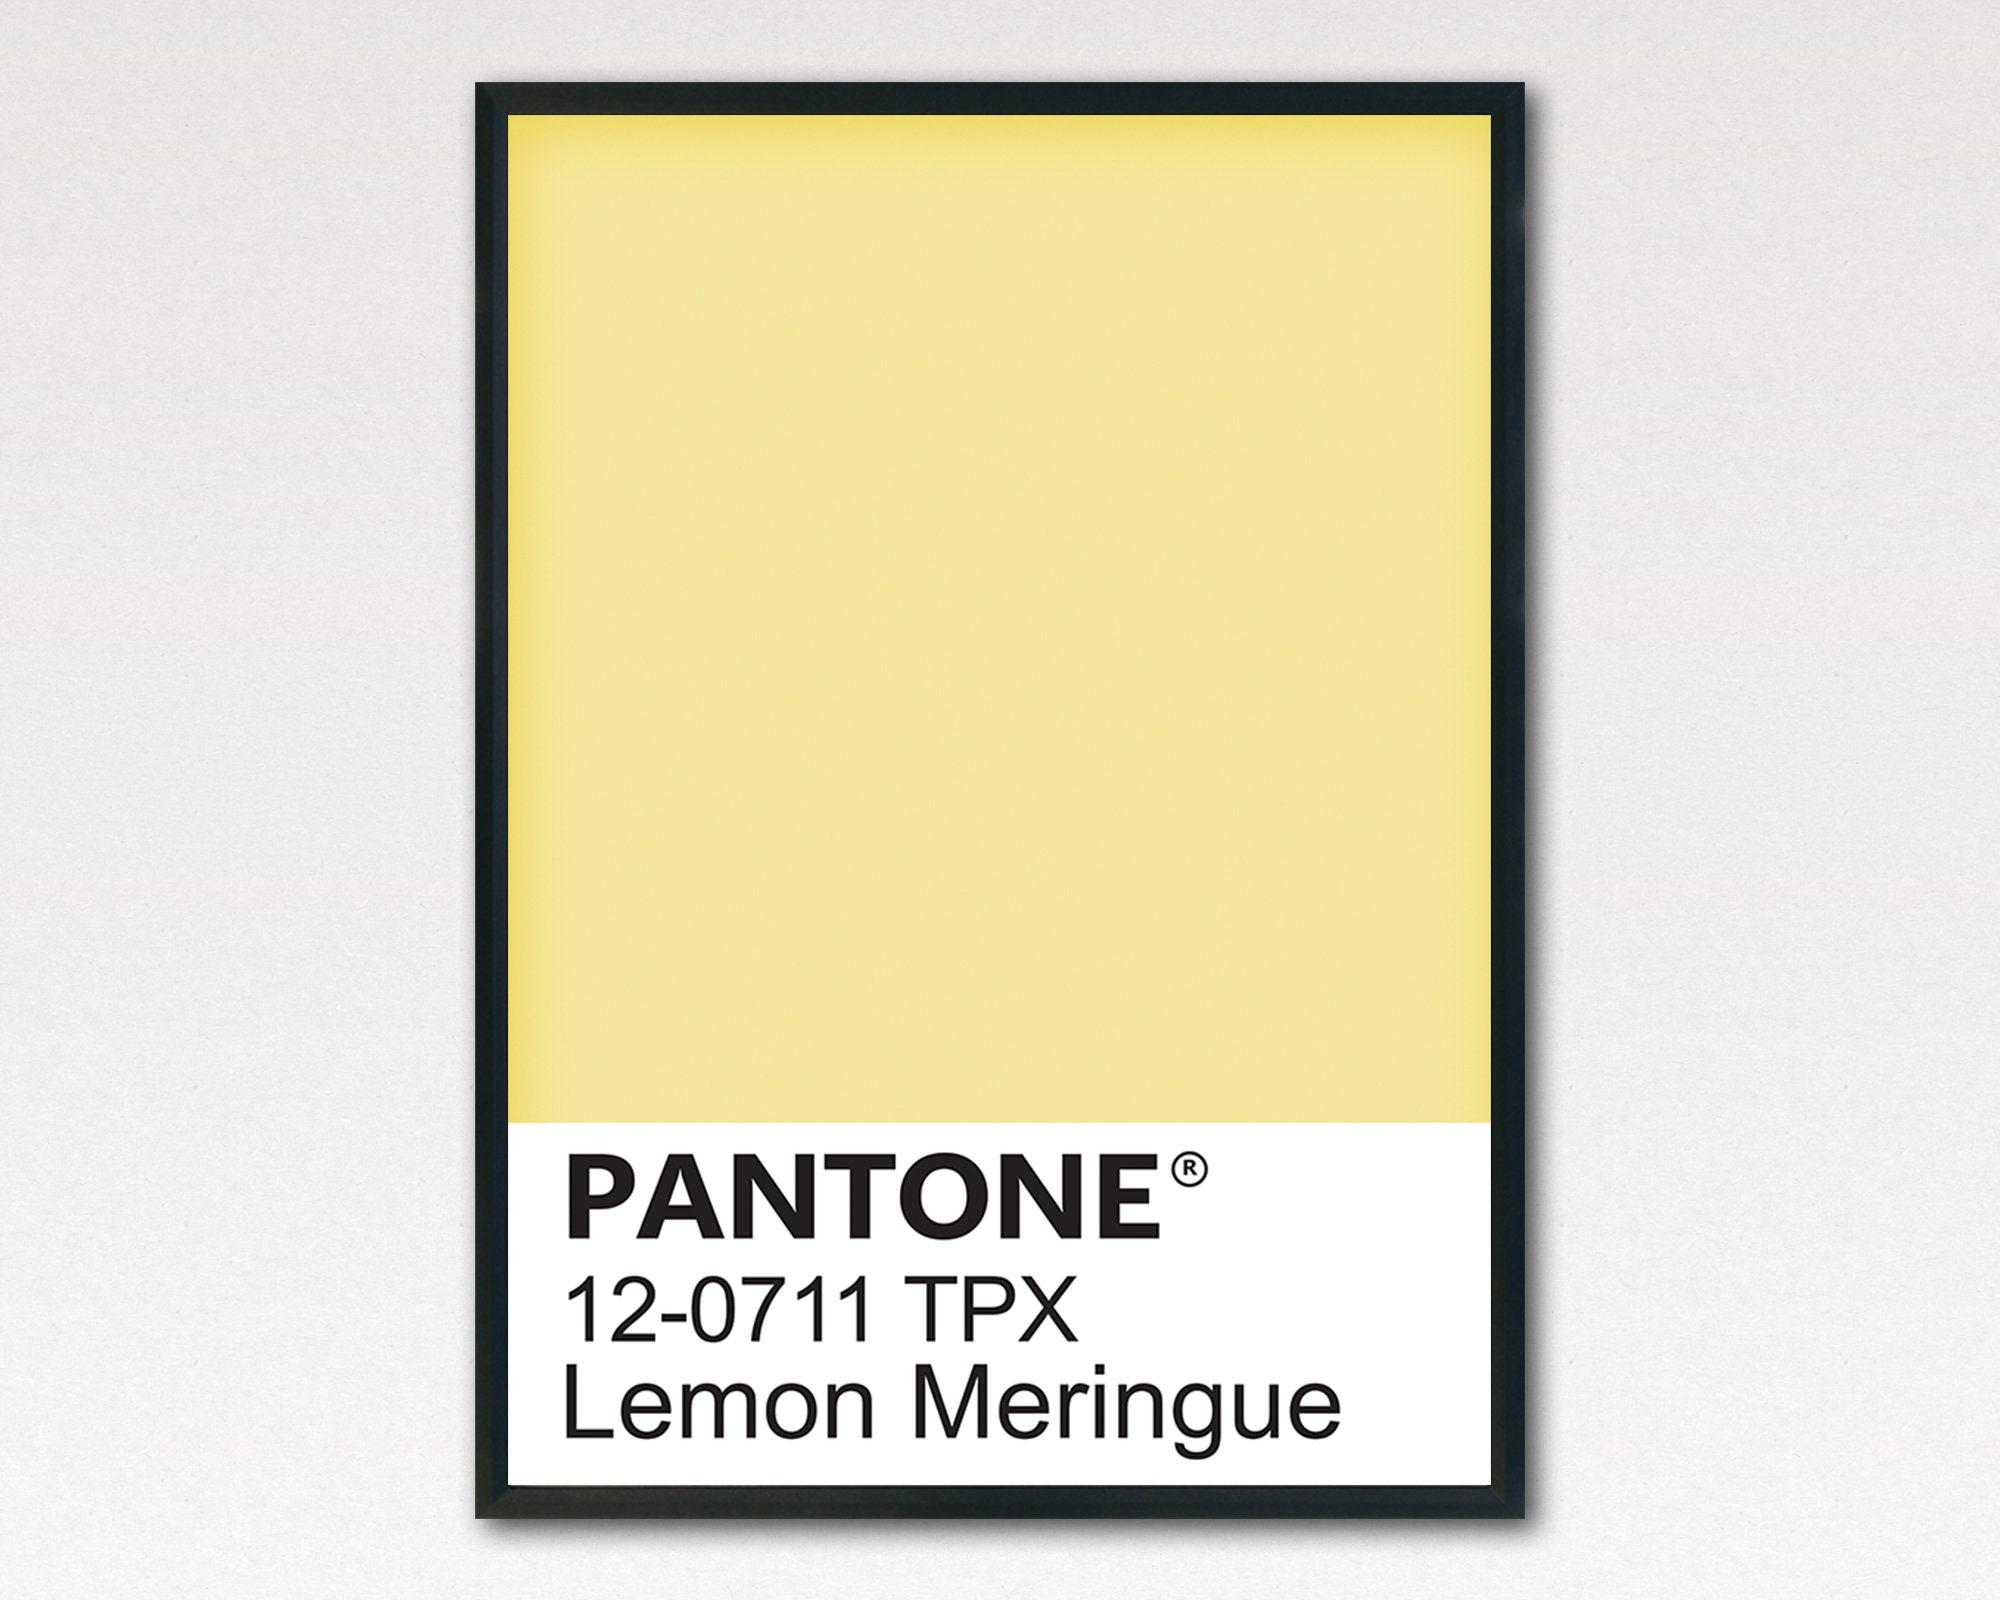 Pantone Print Pantone Poster Pantone Wall Art Pantone Yellow | Etsy